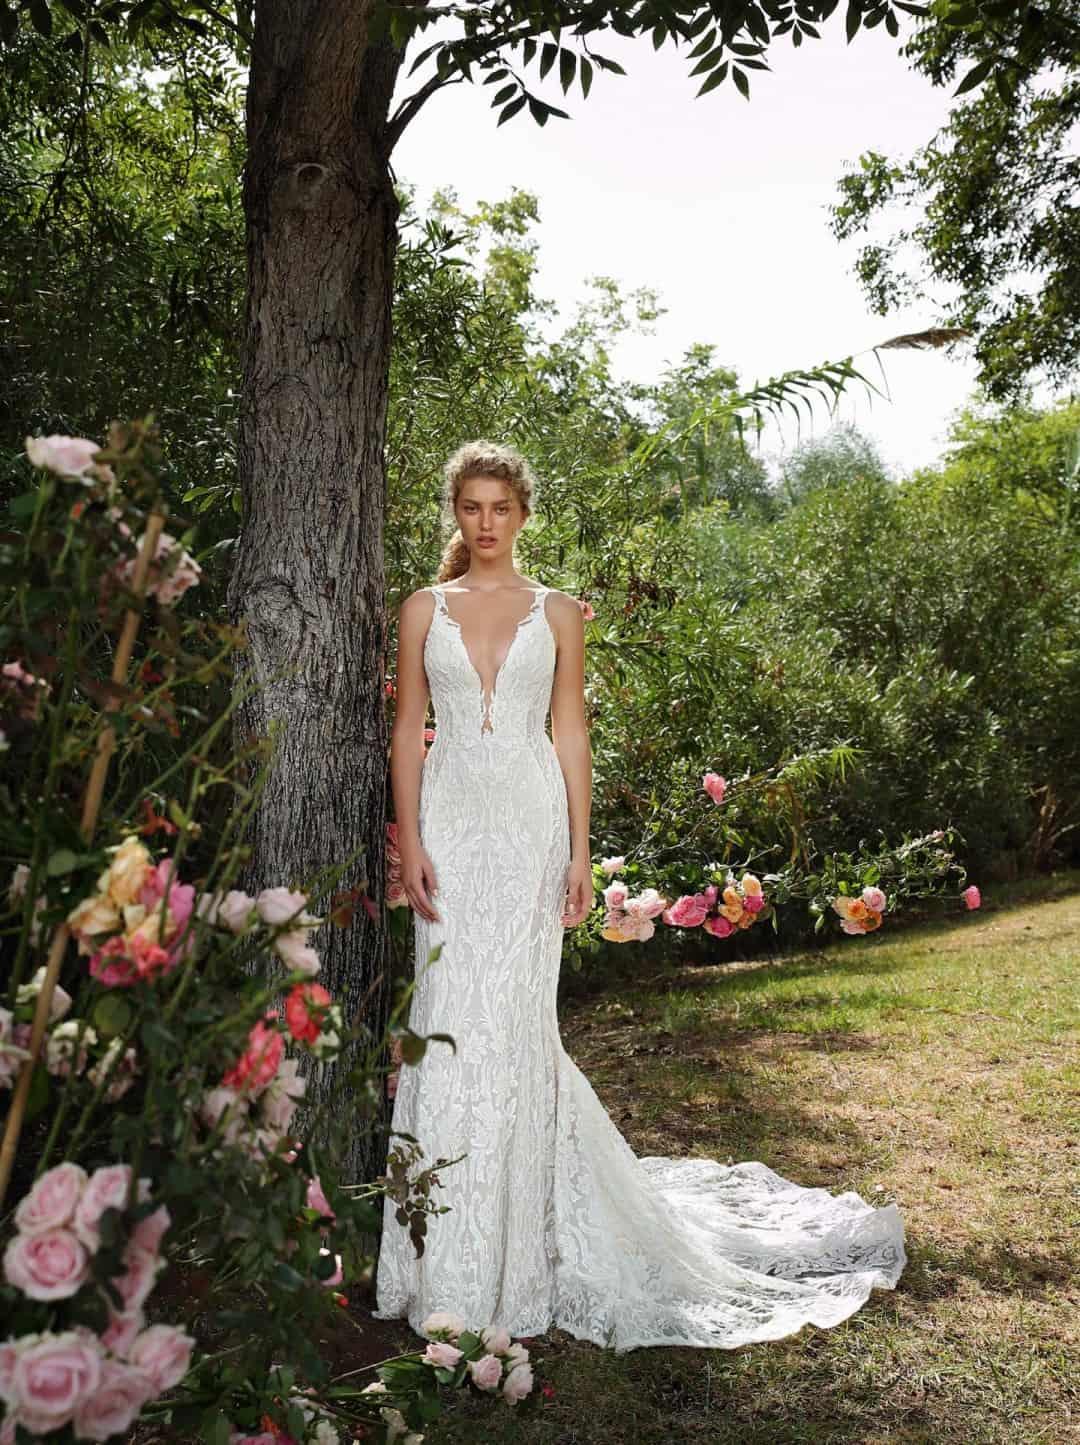 Haute Couture esküvöi ruhák - G-207-front-long